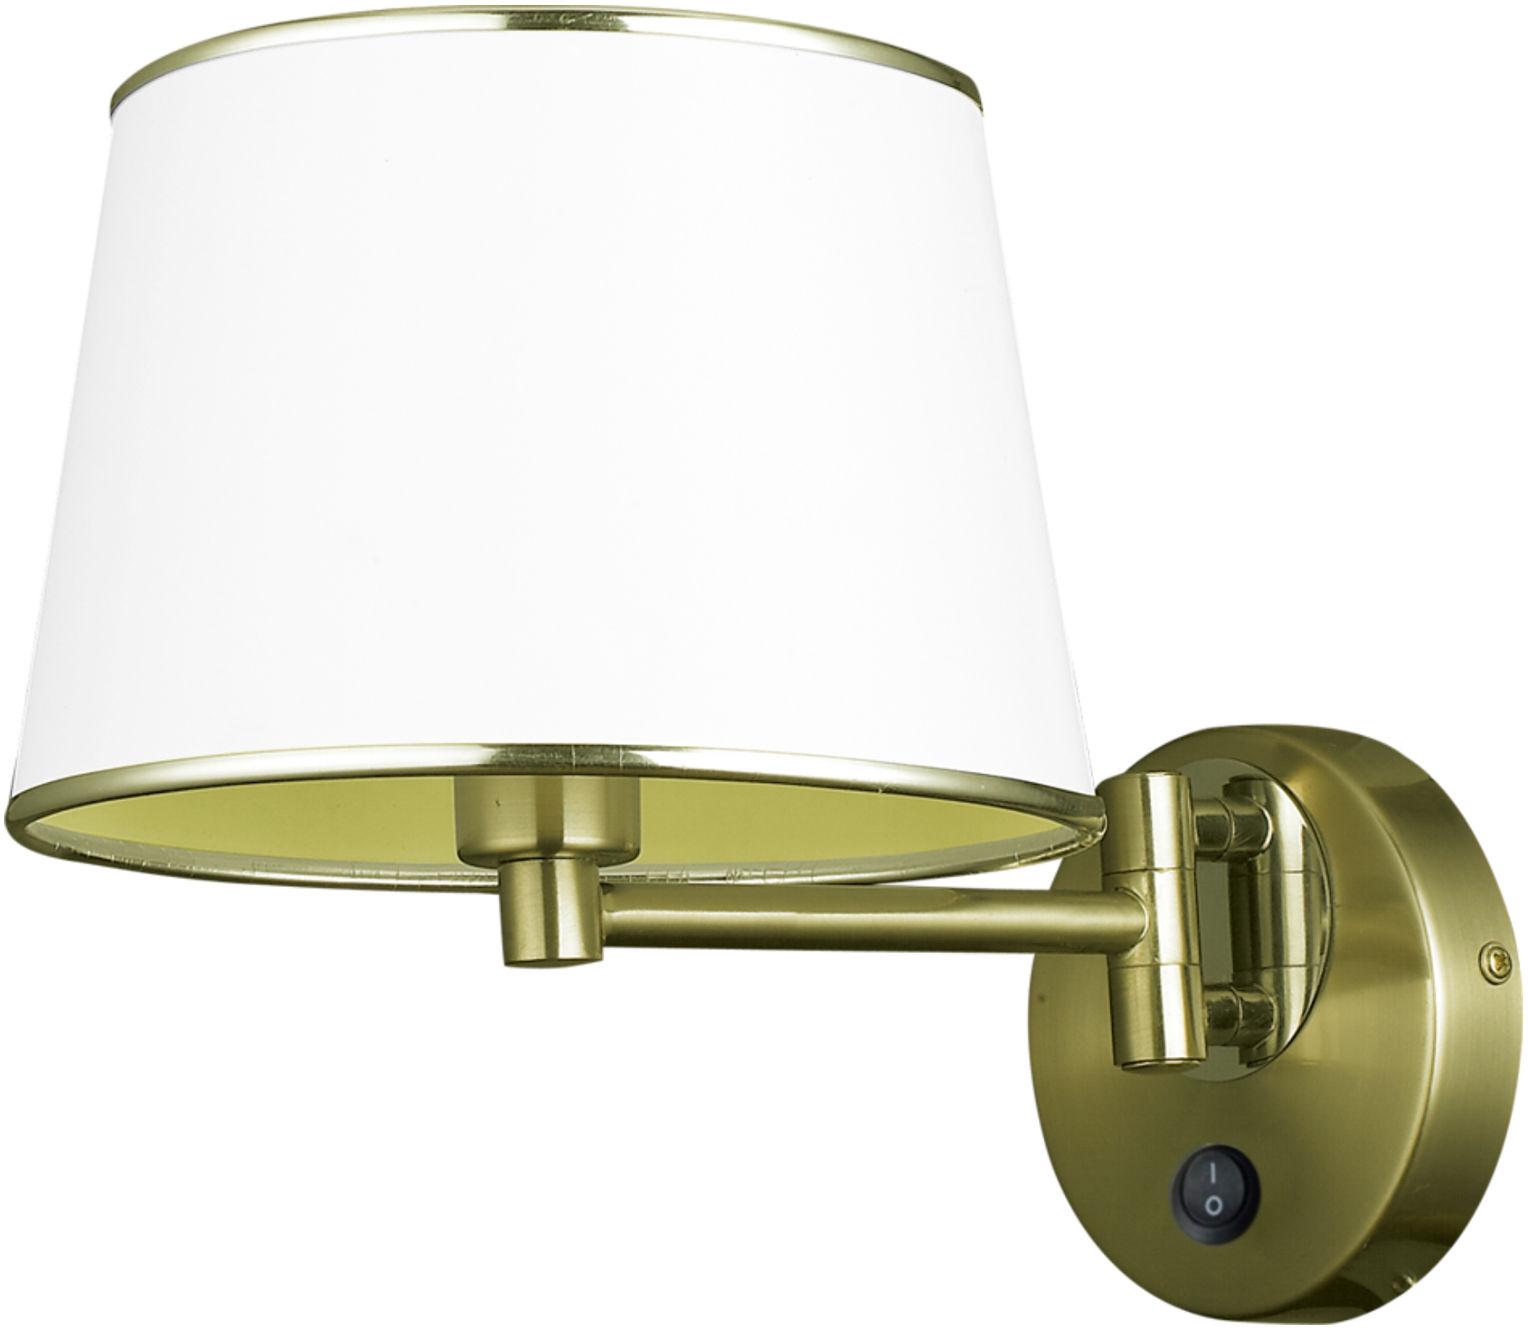 Candellux IBIS 21-01279 kinkiet lampa ścienna abażur 1X40W E14 patyna 20cm